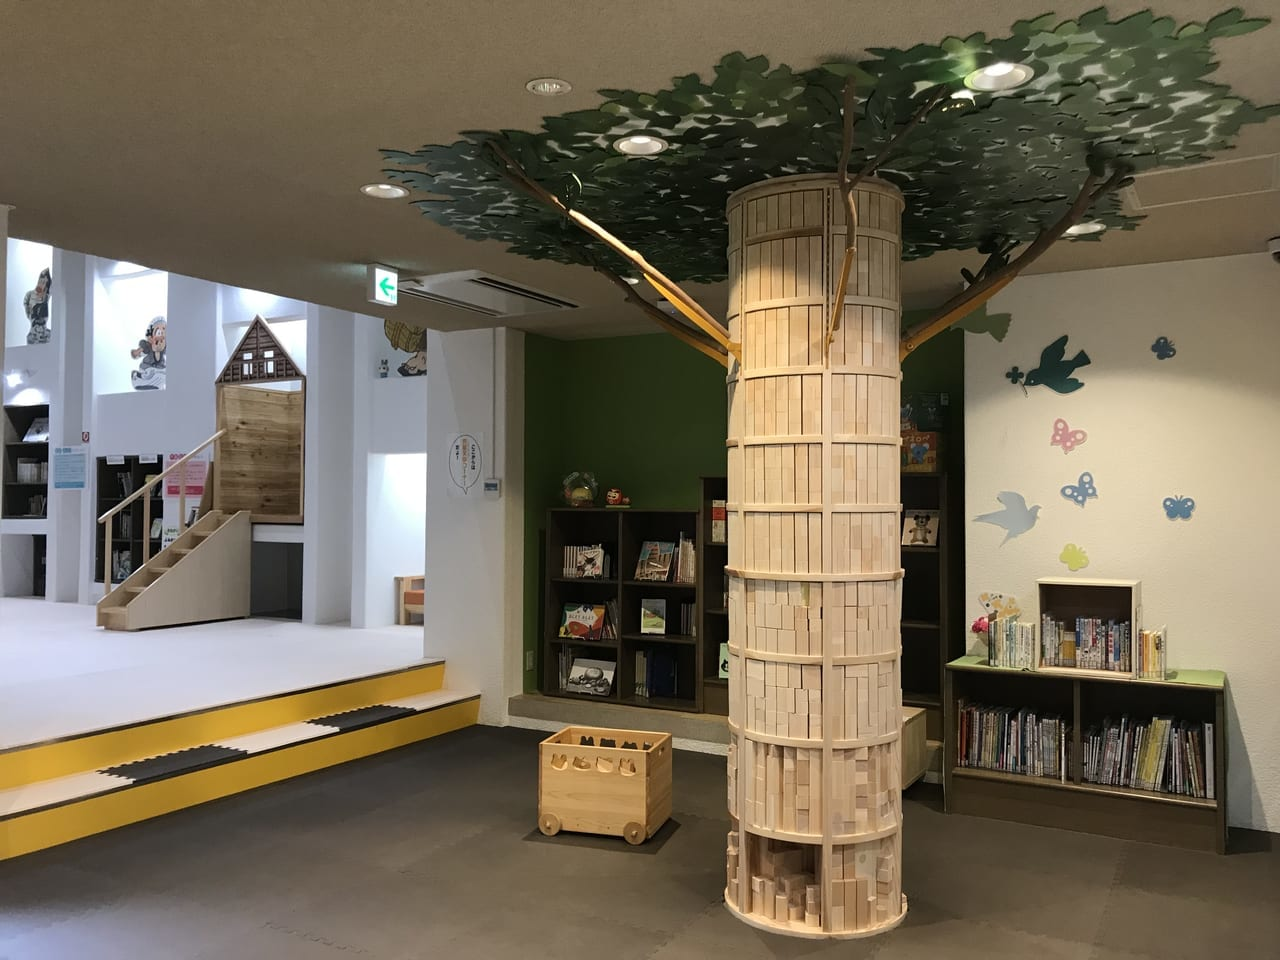 2021年6月、高知県立文学館内「こどものぶんがく室」は積み木ツリーや絵本もある秘密基地のような場所。しかも無料で利用できる。